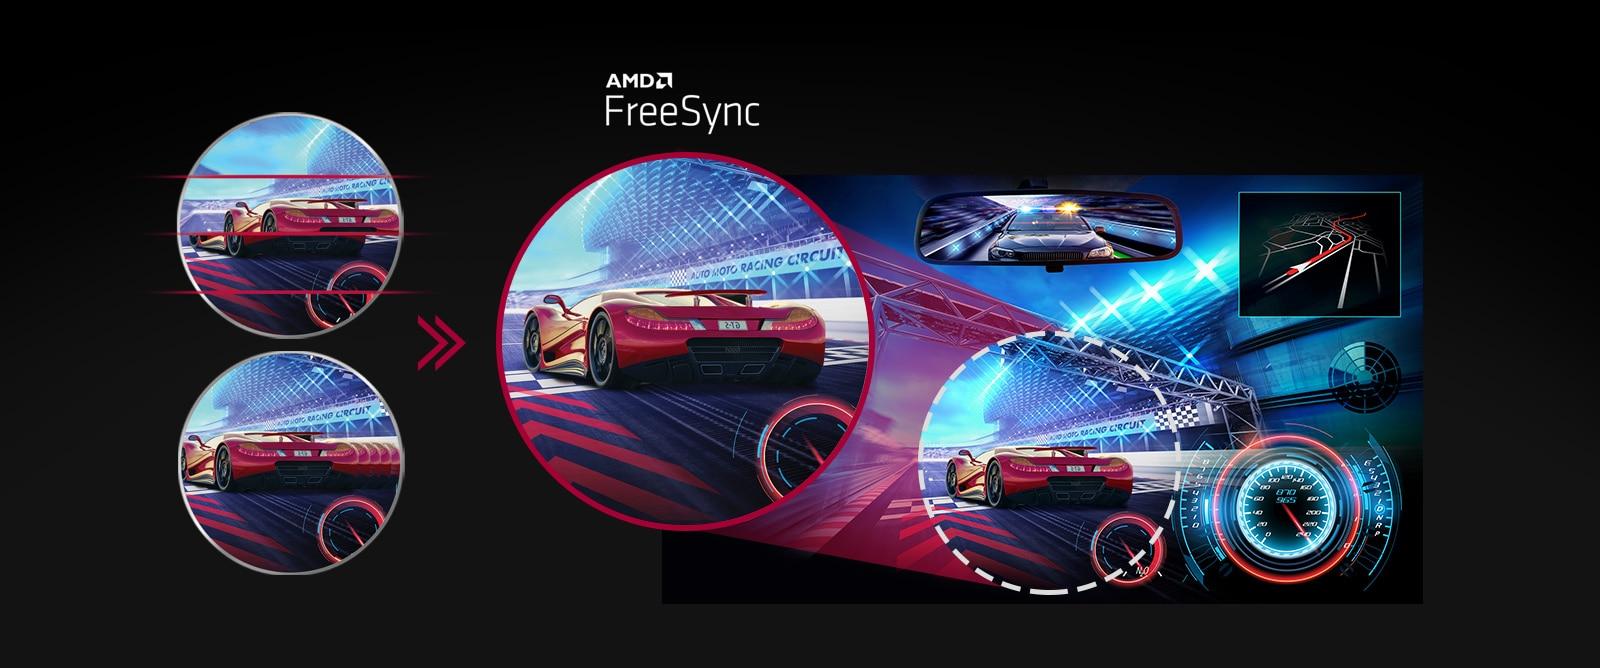 AMD FreeSync™: Jasnija, besprijekorna slika